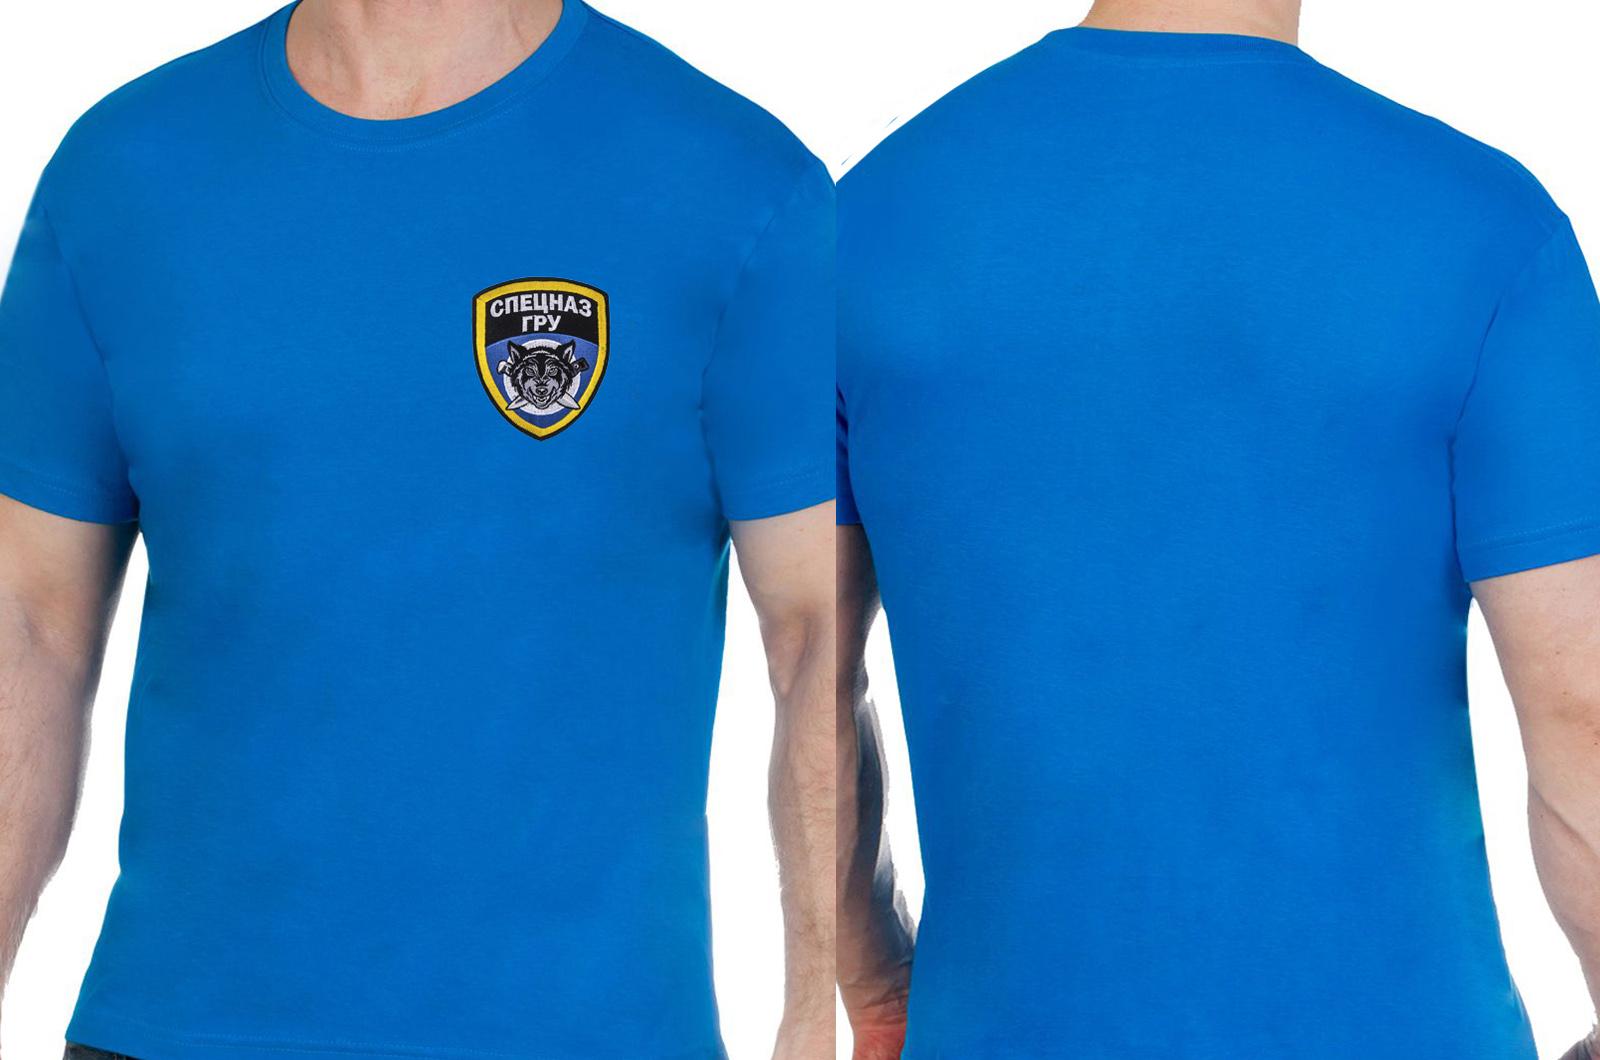 Надежная мужская футболка Спецназ ГРУ - купить оптом